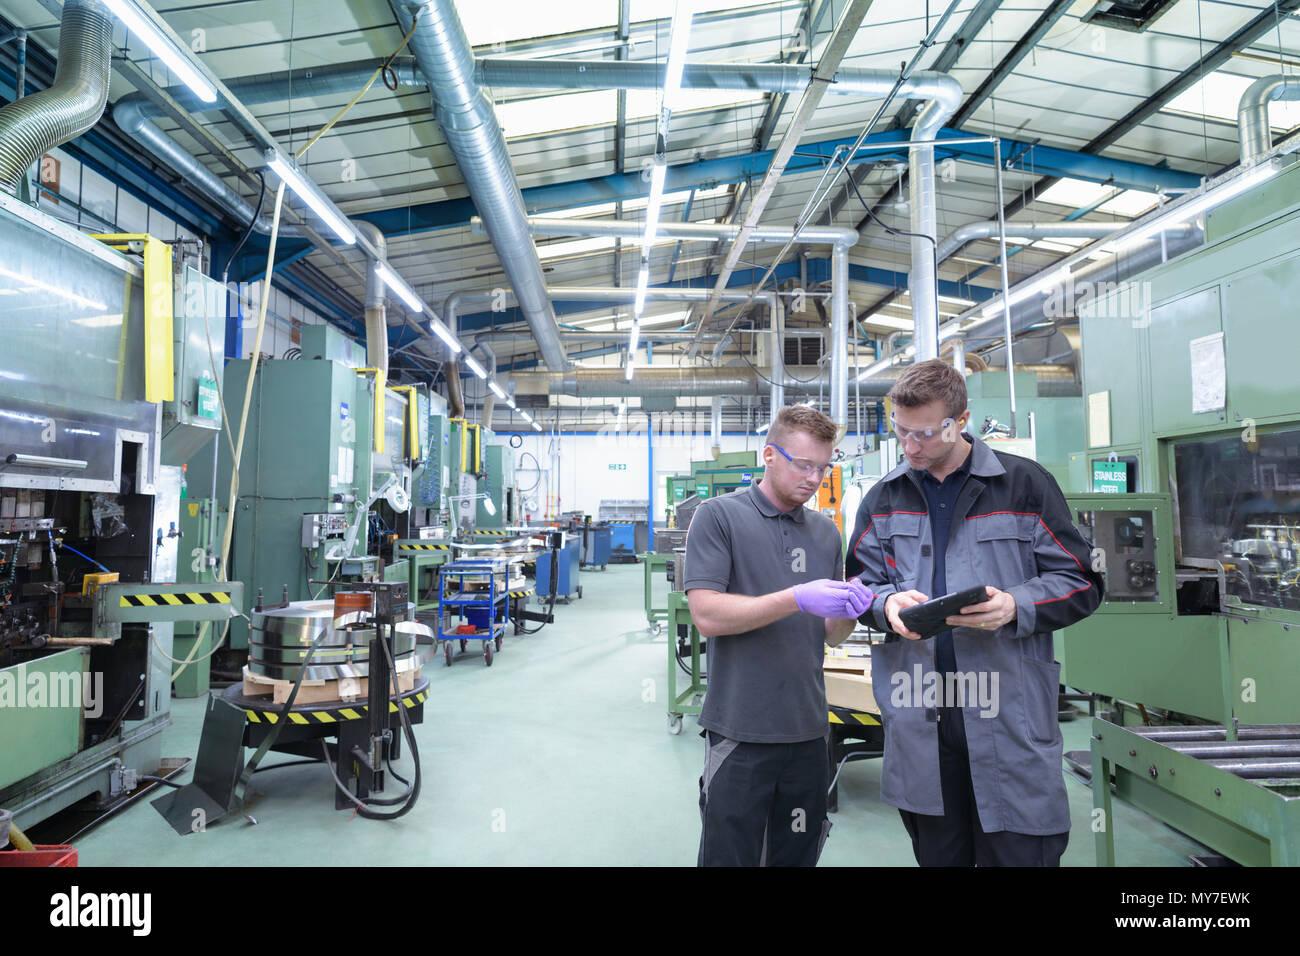 Engineers inspecting pressed metal part in metal pressing factory - Stock Image